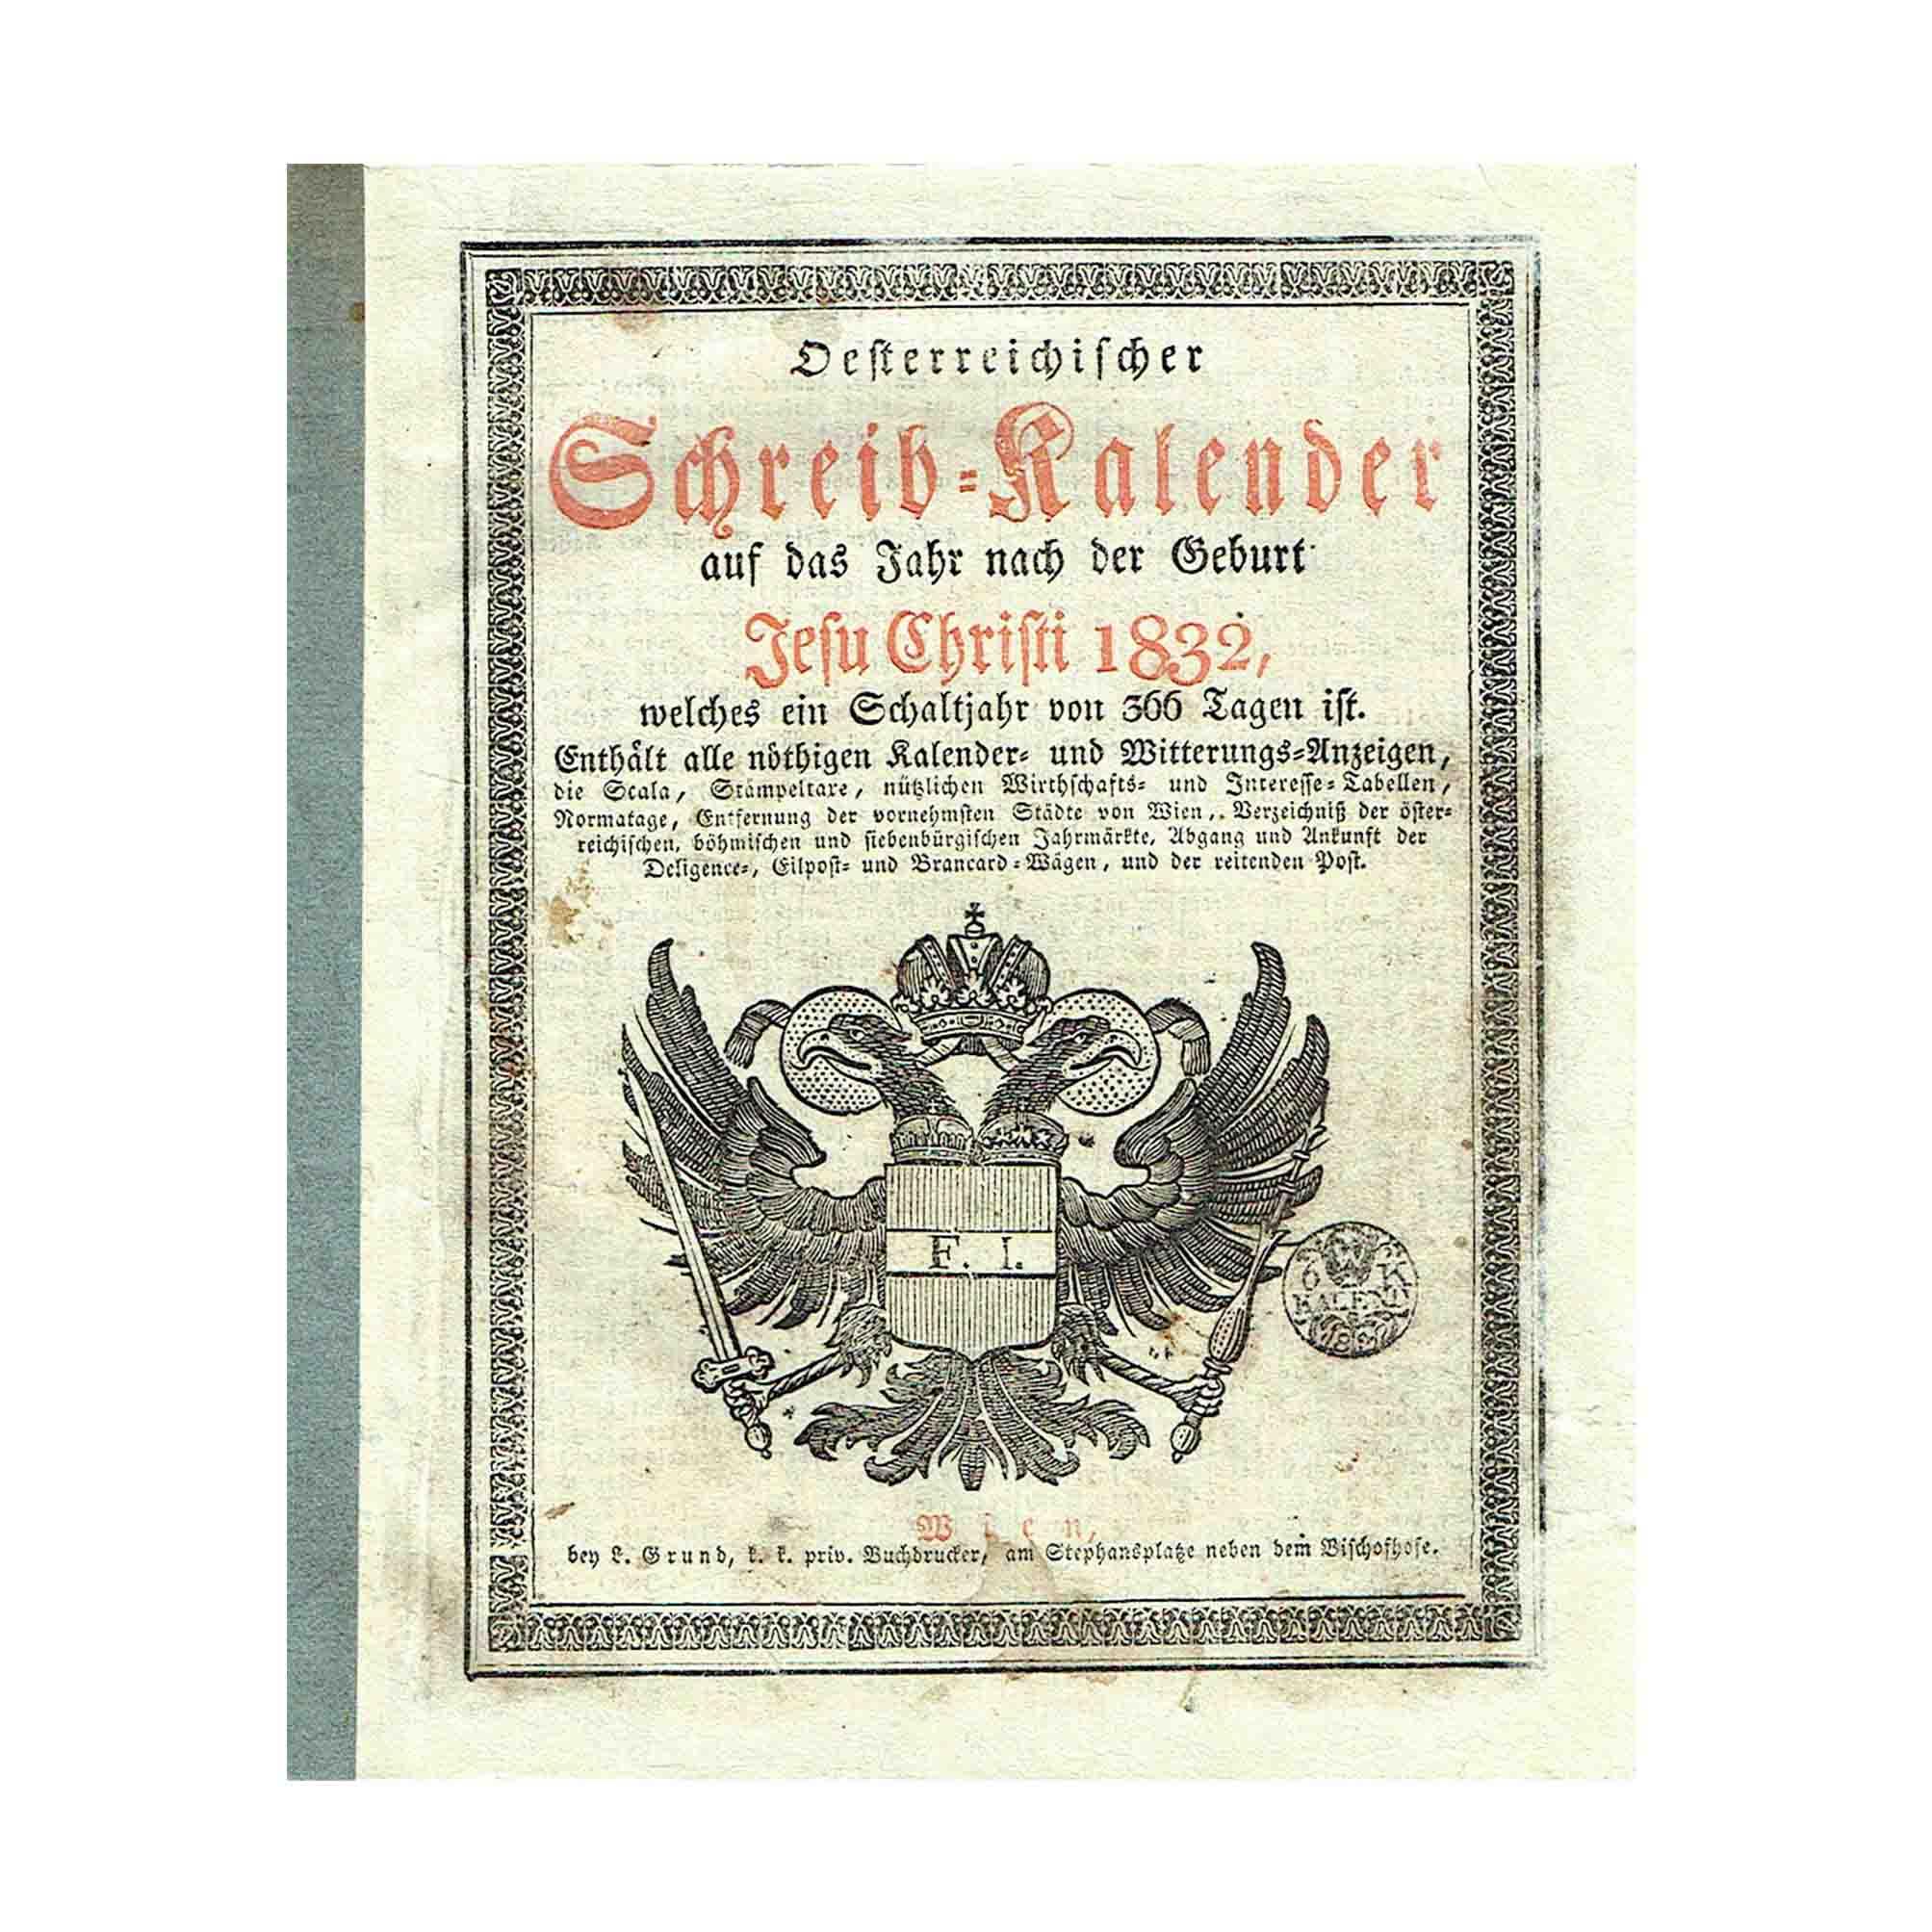 5976-Oesterreichischer-Schreibkalender-1832-Titelblatt-N.jpeg